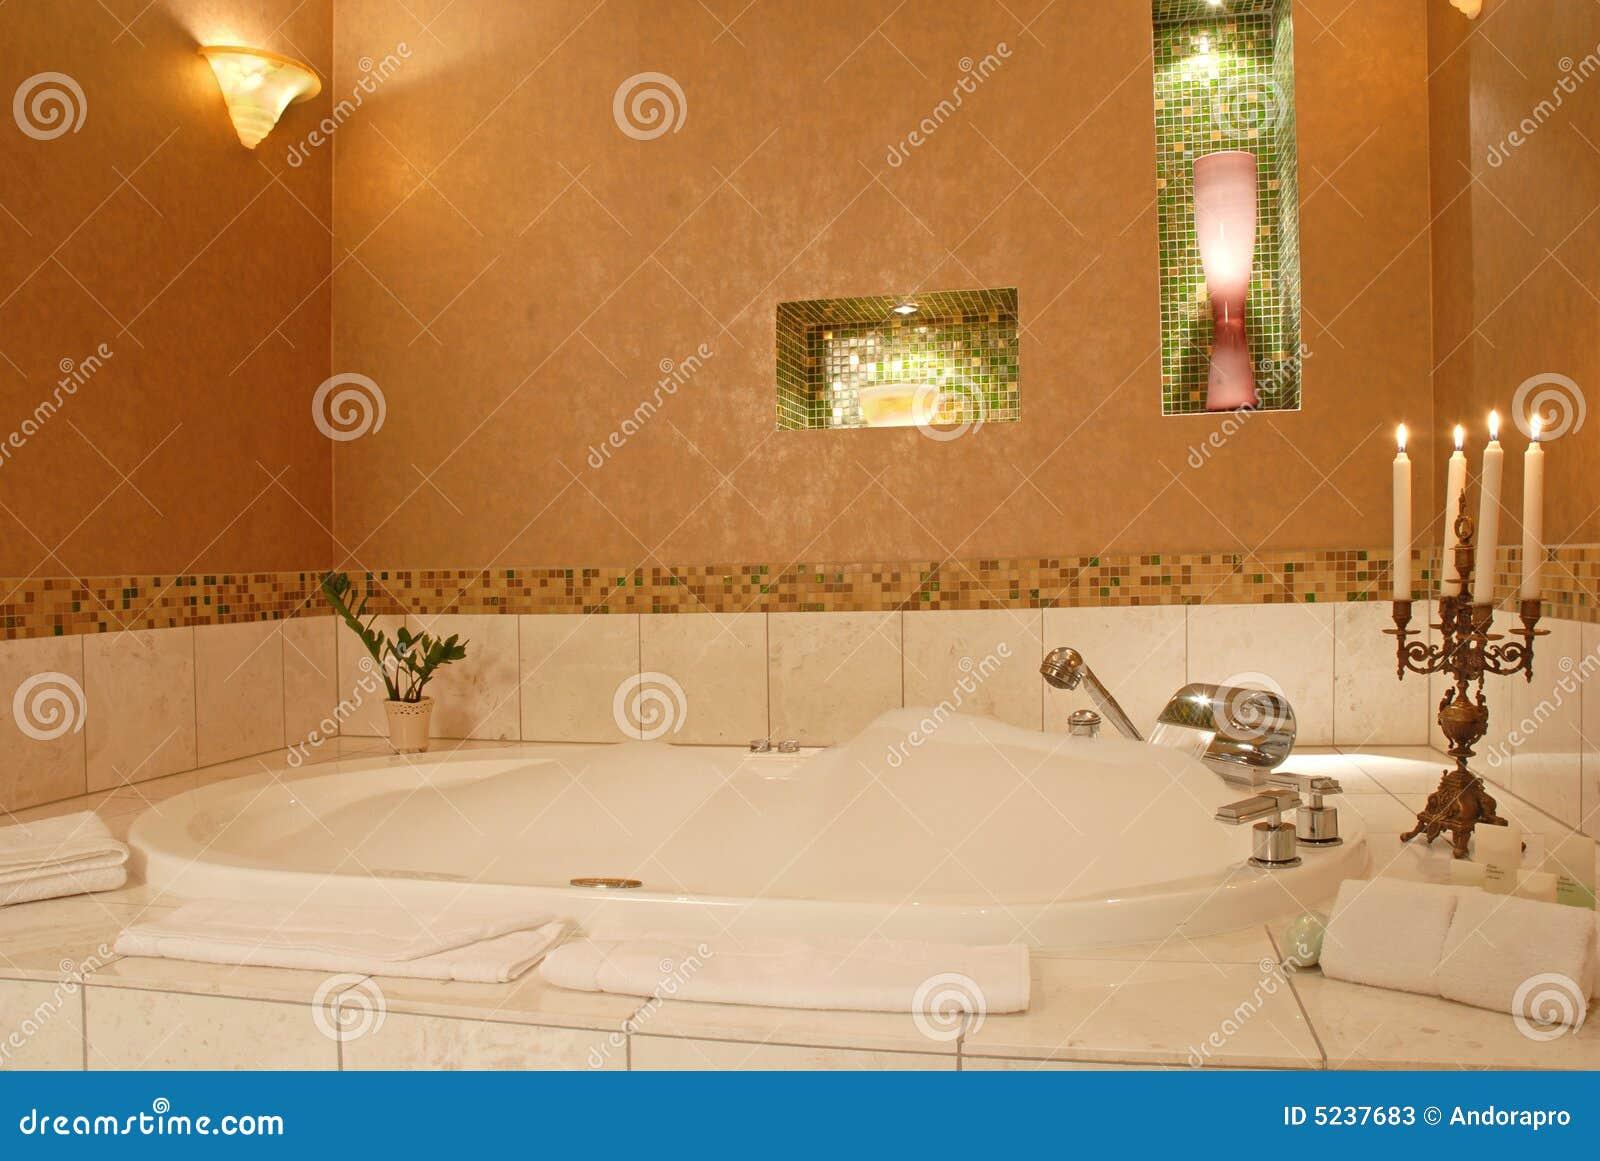 Banheiro Romântico Do Hotel De Luxo Fotos de Stock Imagem: 5237683 #8D4811 1300x960 Acessorios Para Banheiro De Luxo